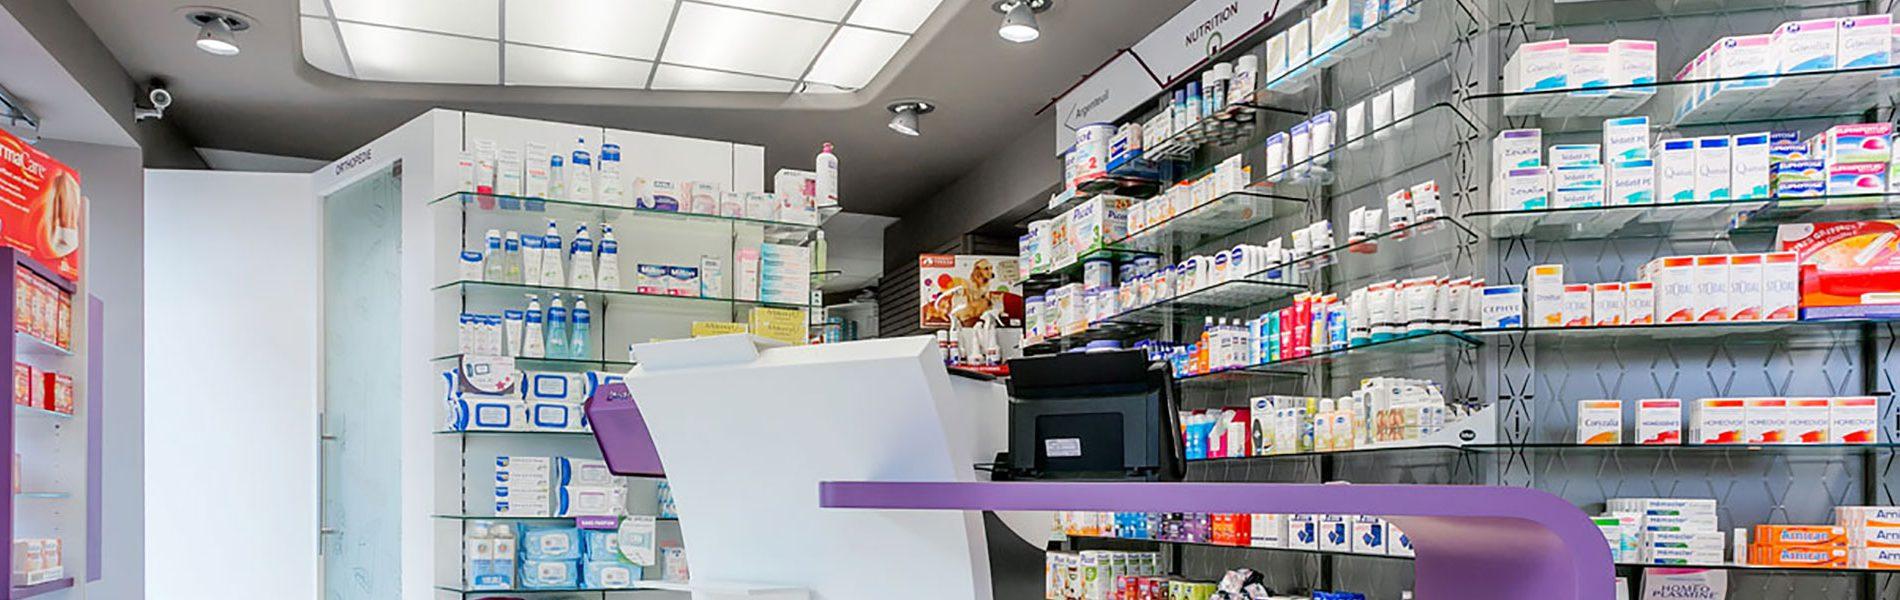 Pharmacie DU STADE - Image Homepage 2